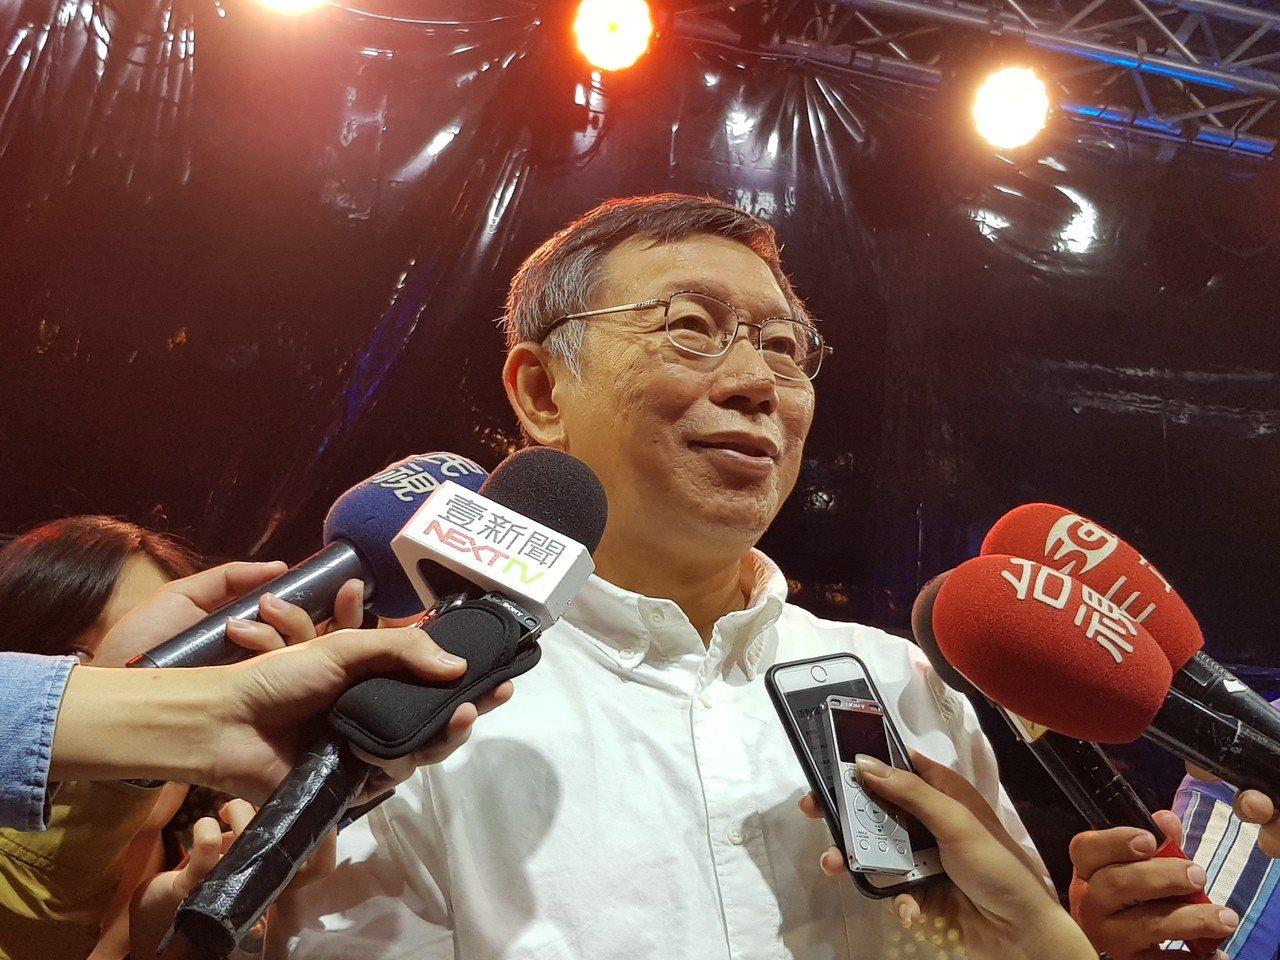 台北市長柯文哲今晚到關渡宮出席ICRT微光嘉年華並受訪。記者翁浩然/攝影